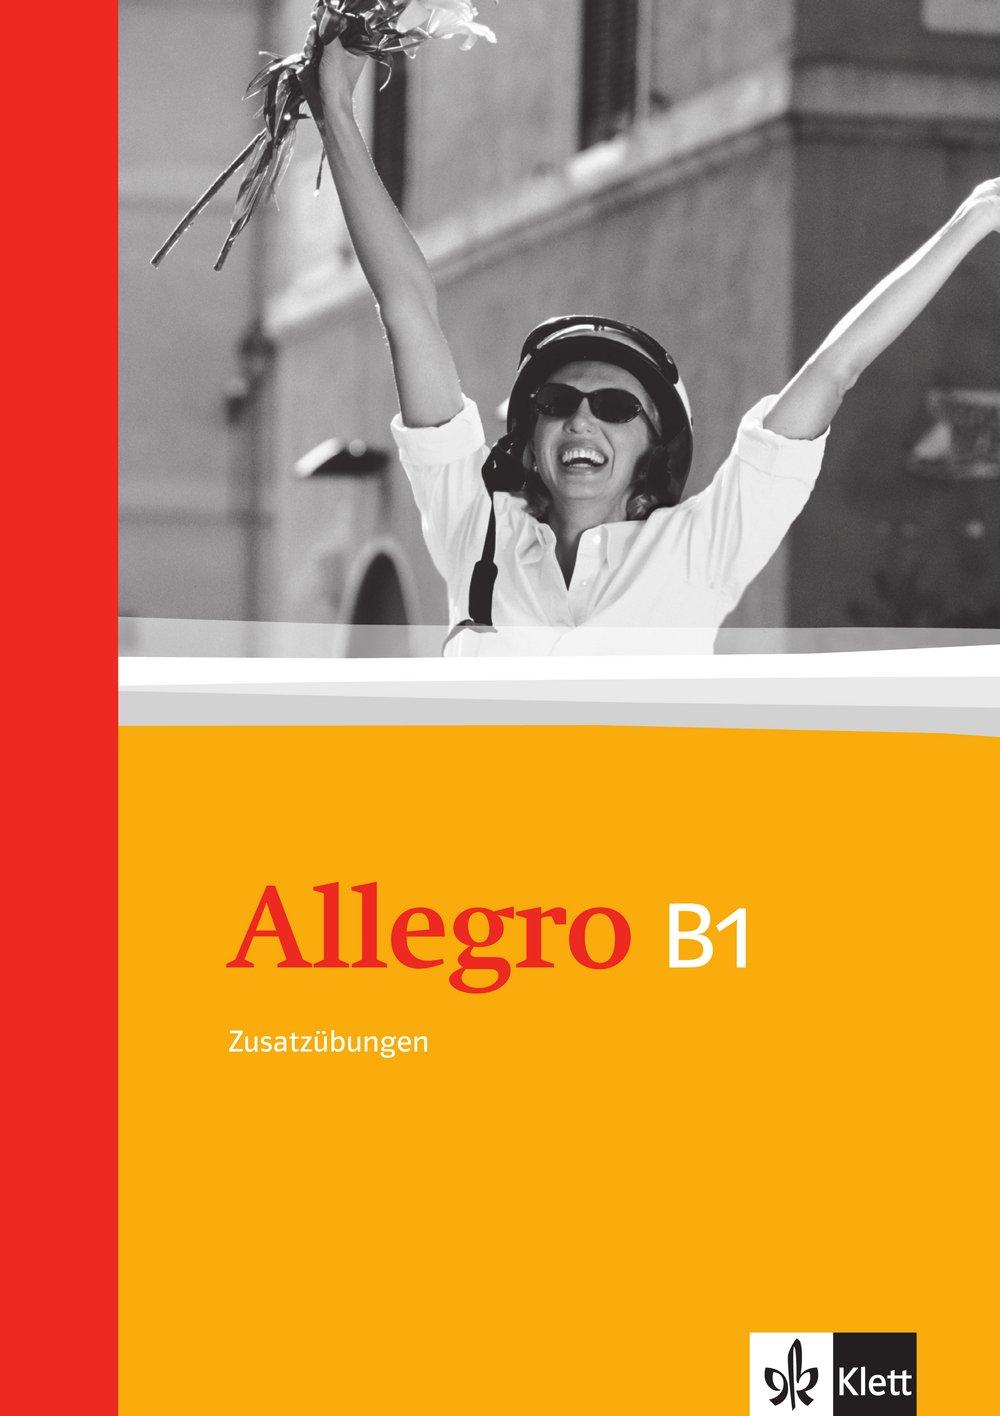 Allegro B1: Zusatzübungen mit Lösungen